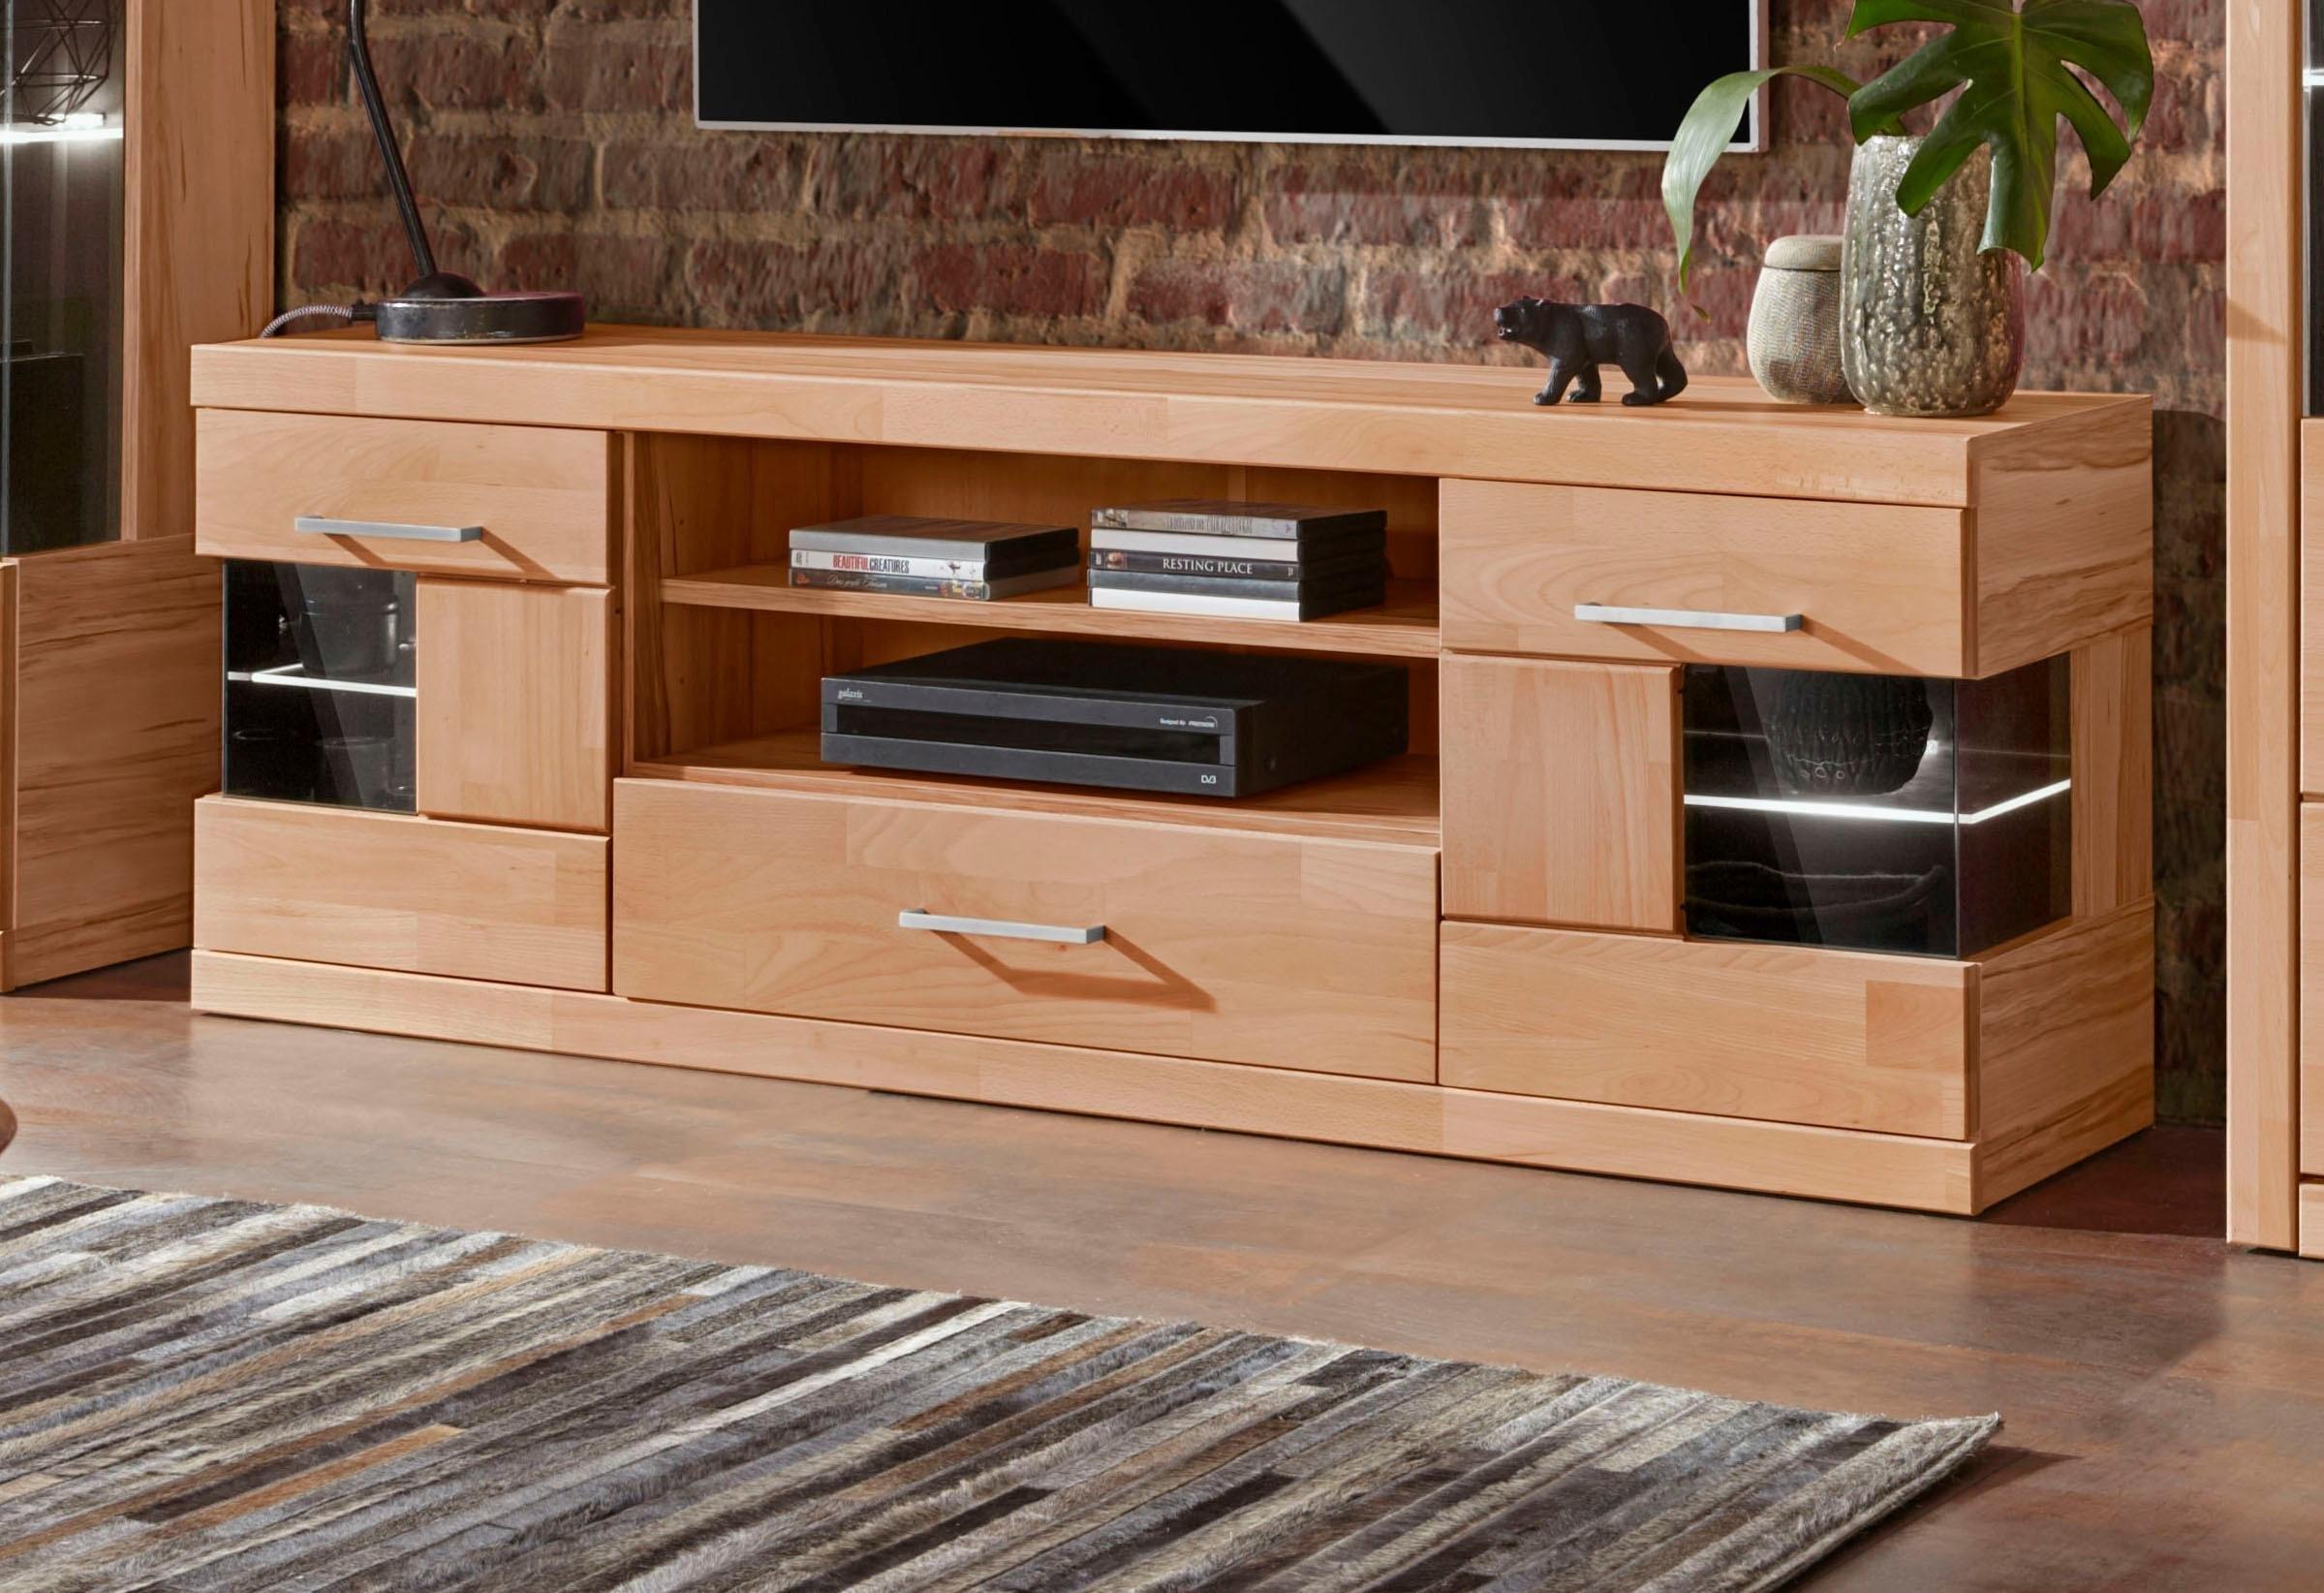 Tv-meubel »Serie Ribe«, breedte 160cm goedkoop op otto.nl kopen